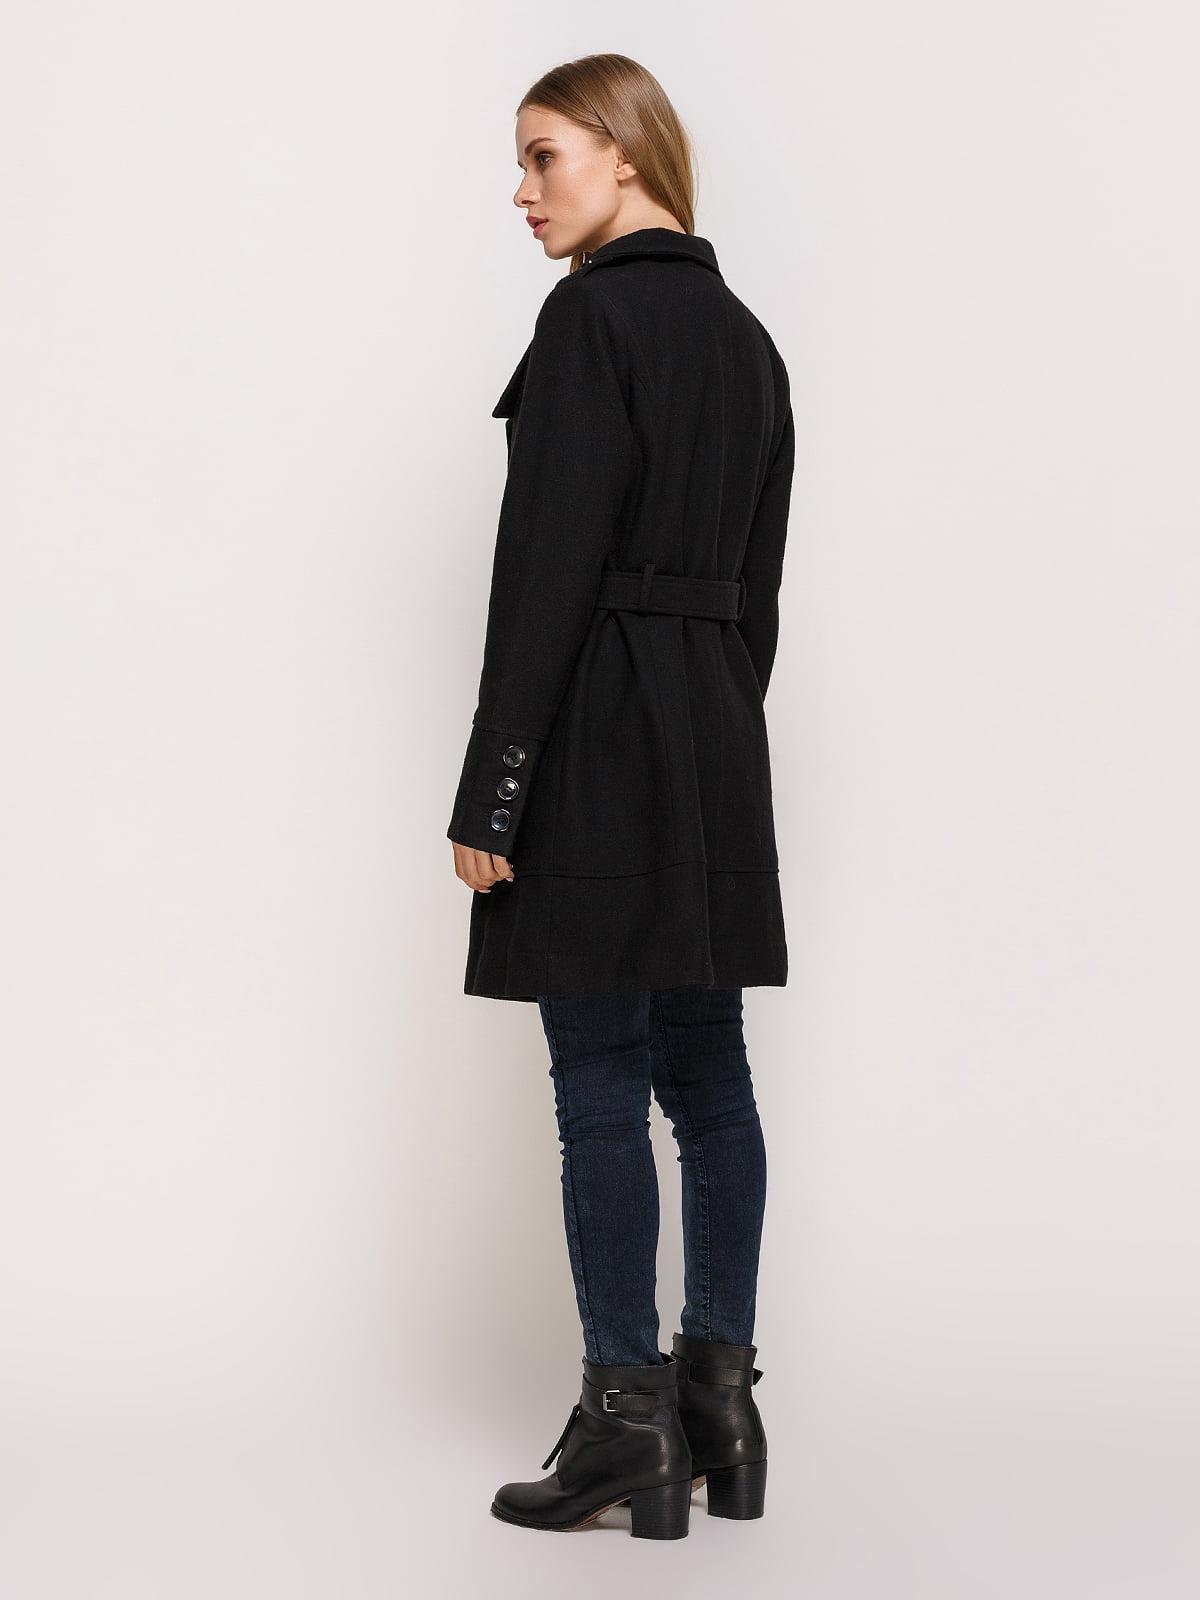 Пальто черное | 3167005 | фото 3